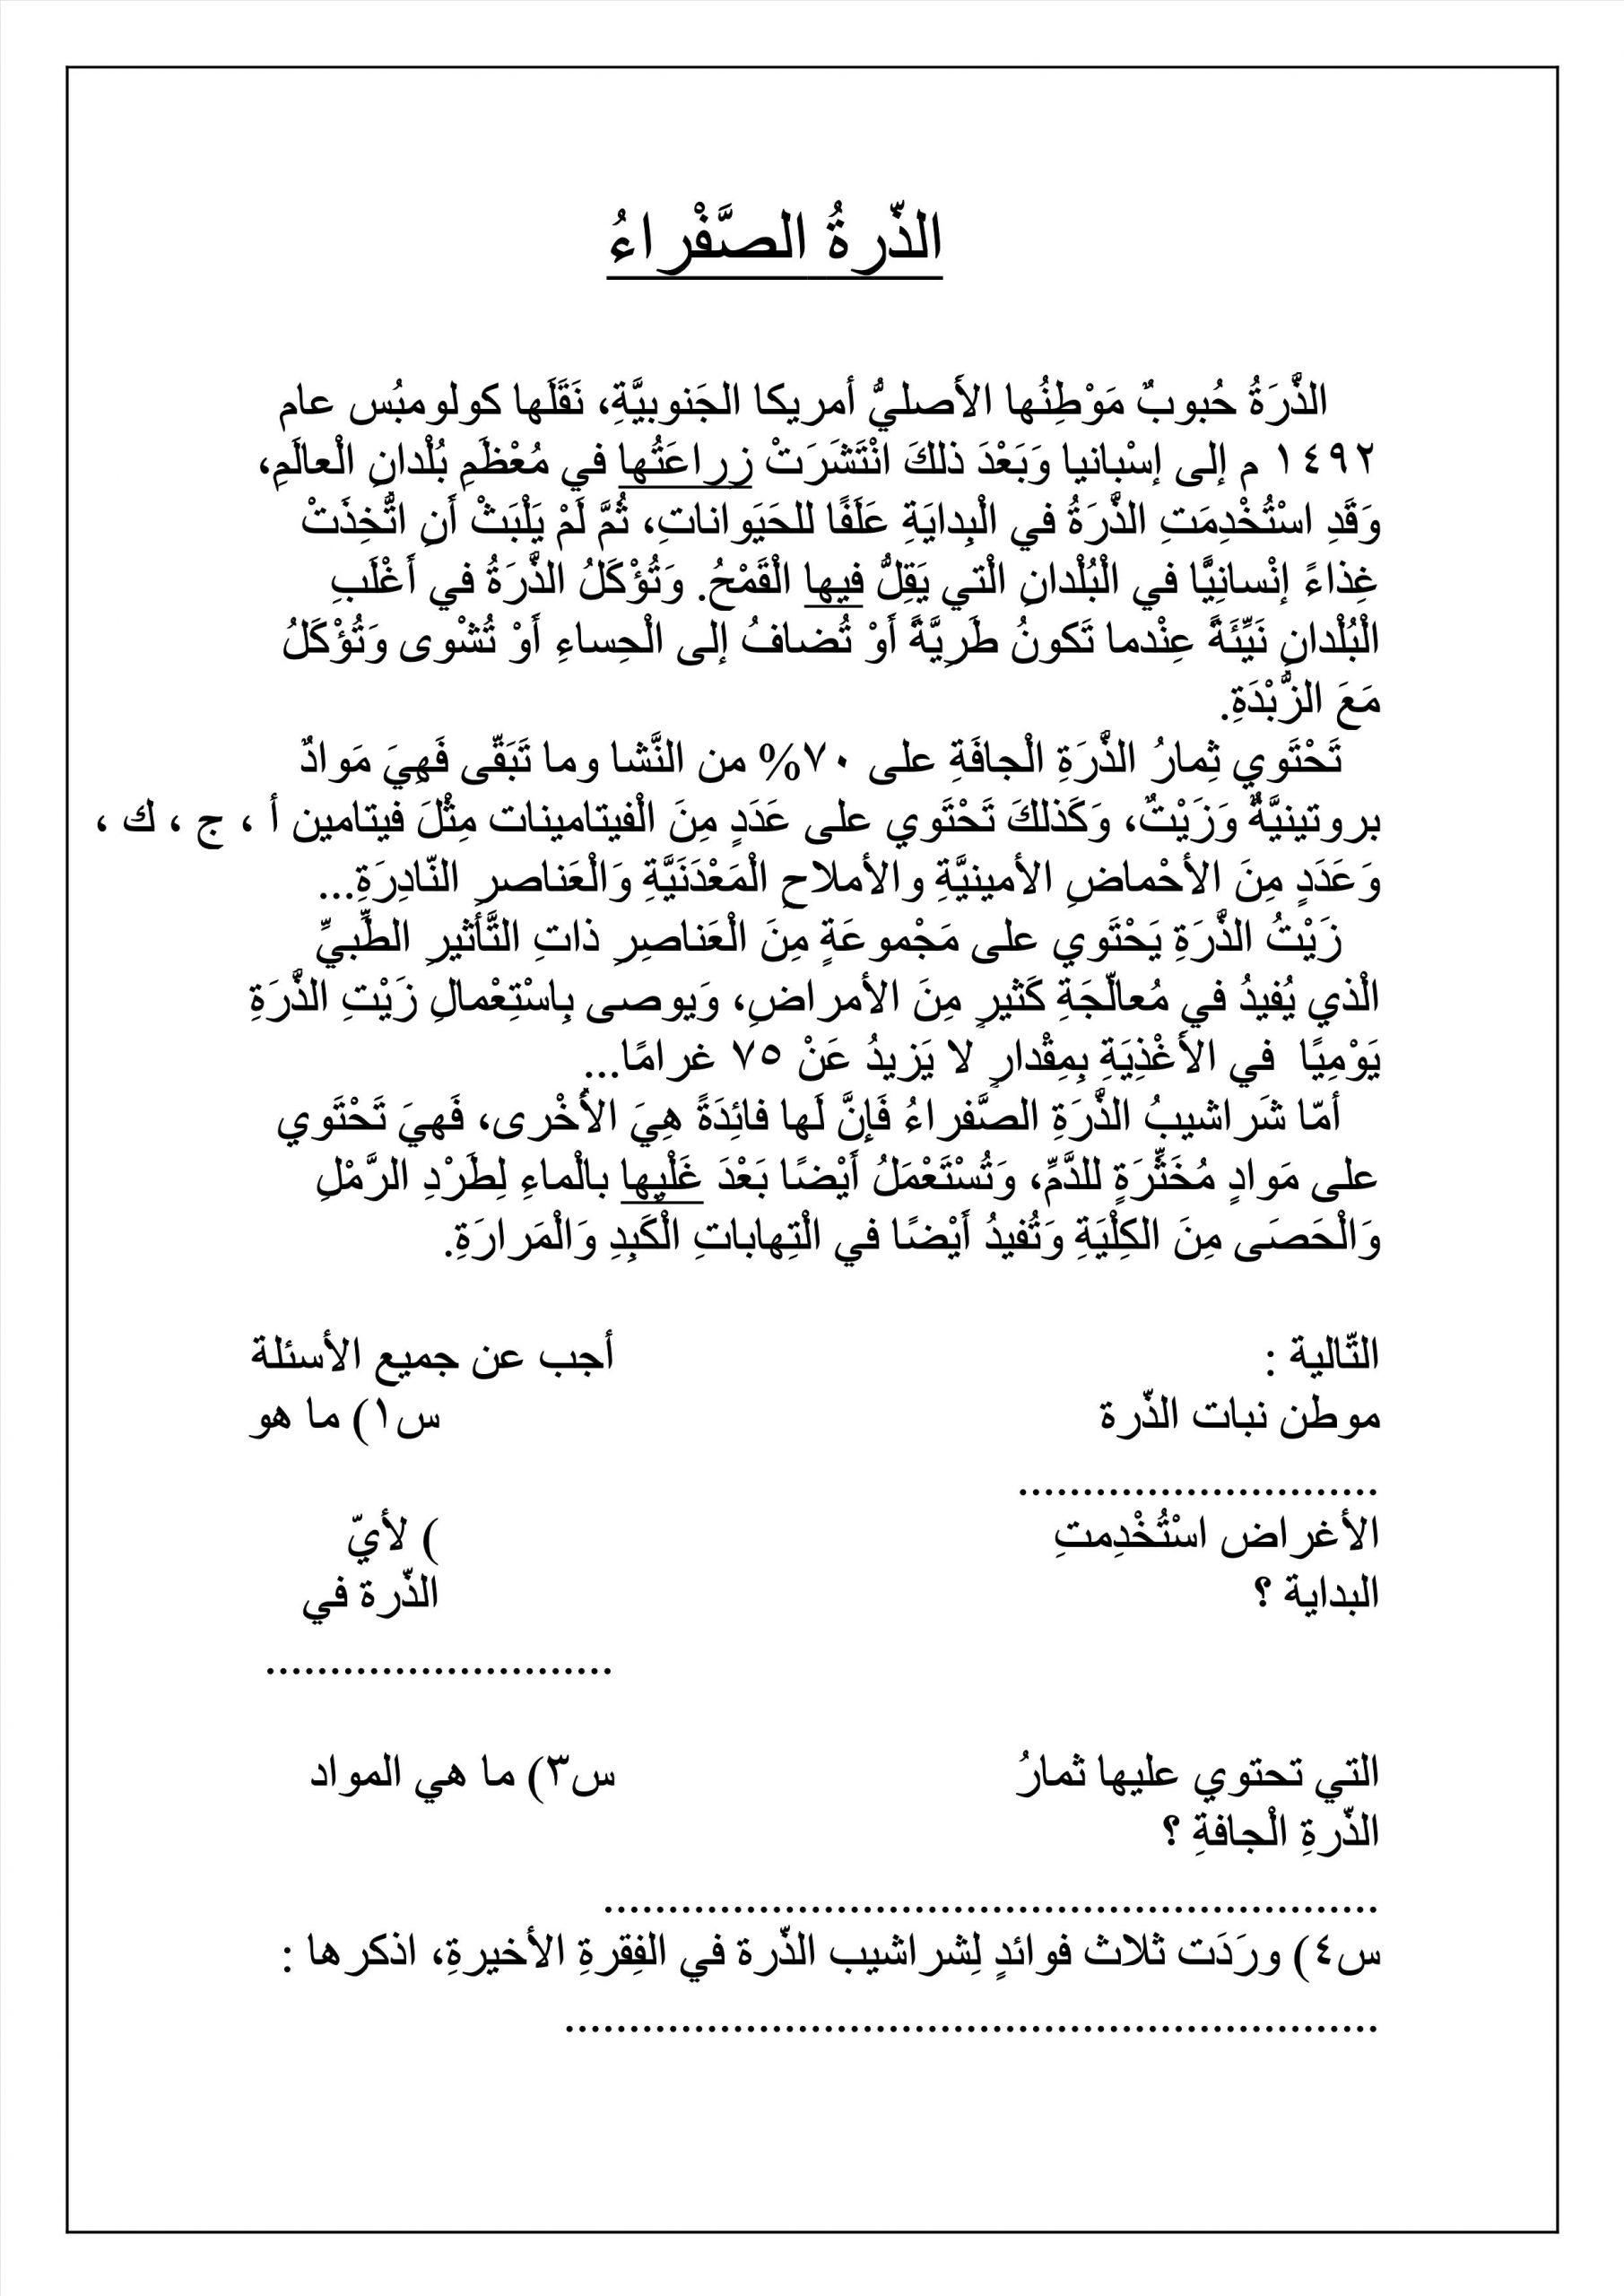 اوراق عمل نصوص خارجية للصف التاسع مادة اللغة العربية